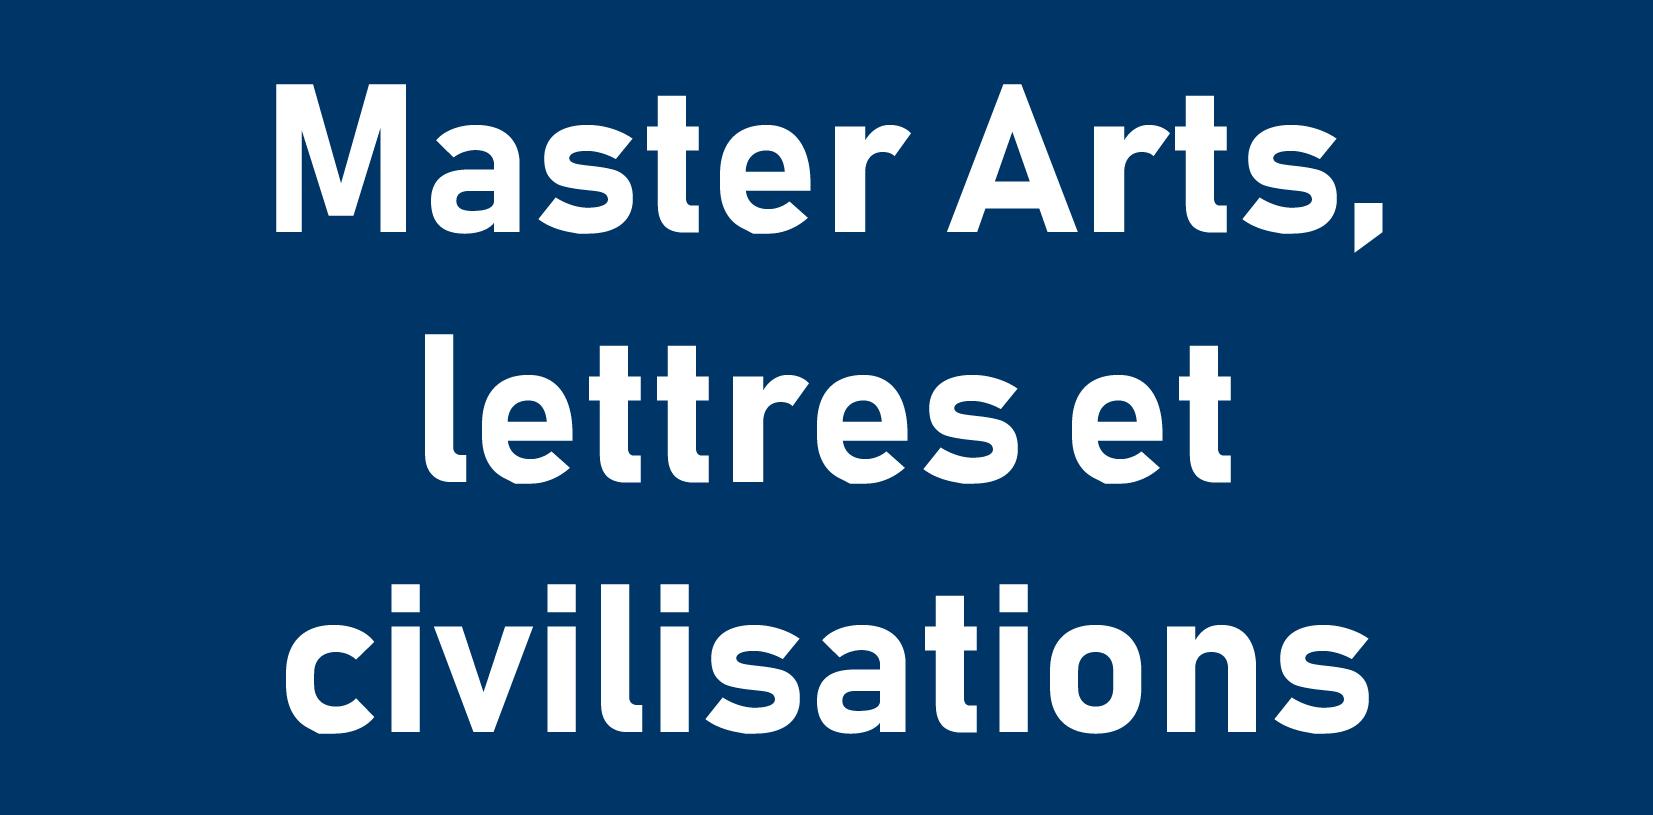 Master Arts lettres et civilisations